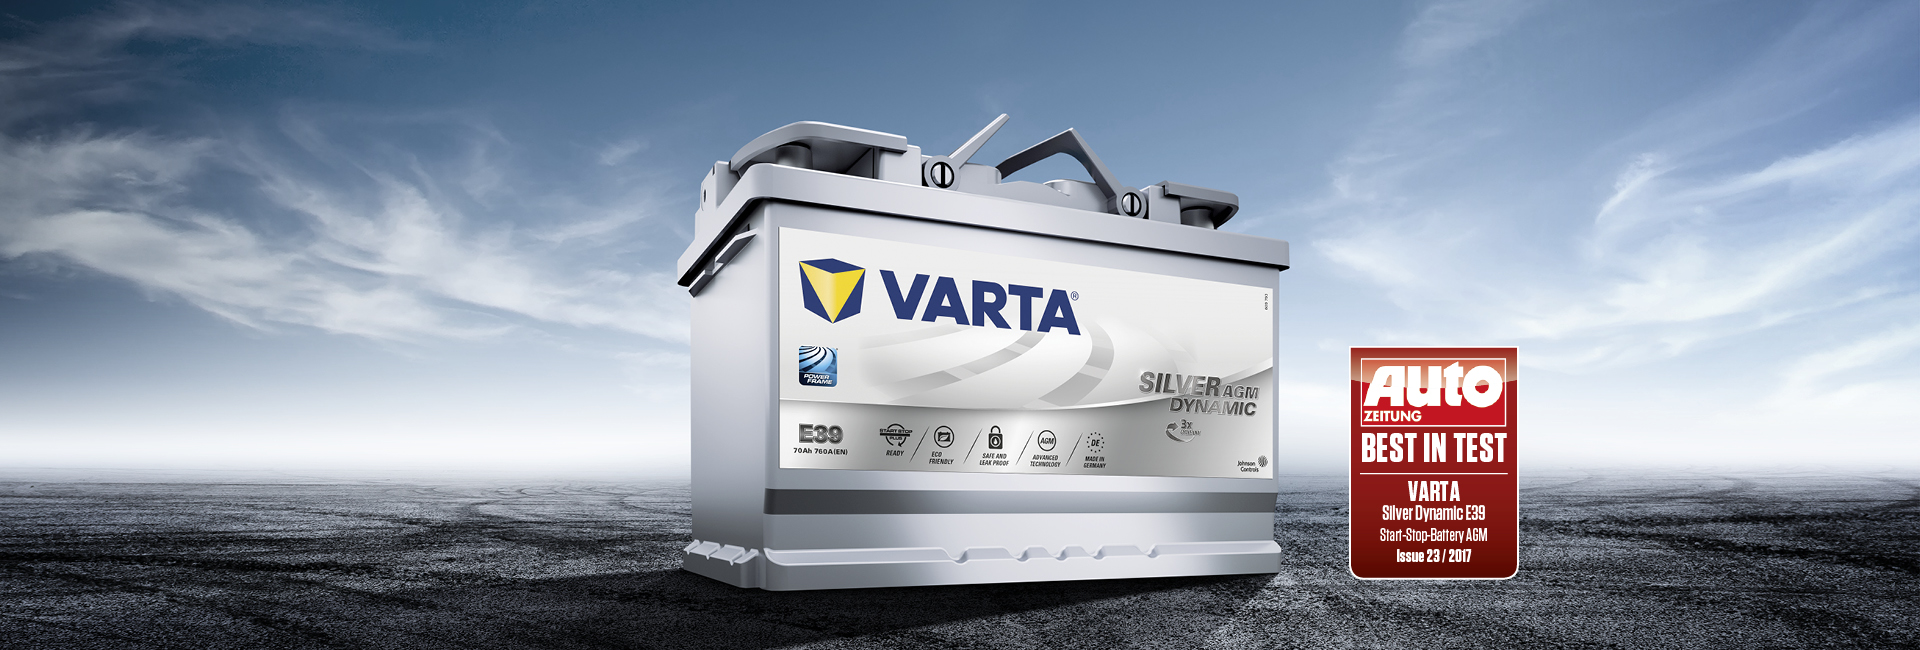 hight resolution of varta agm batteries